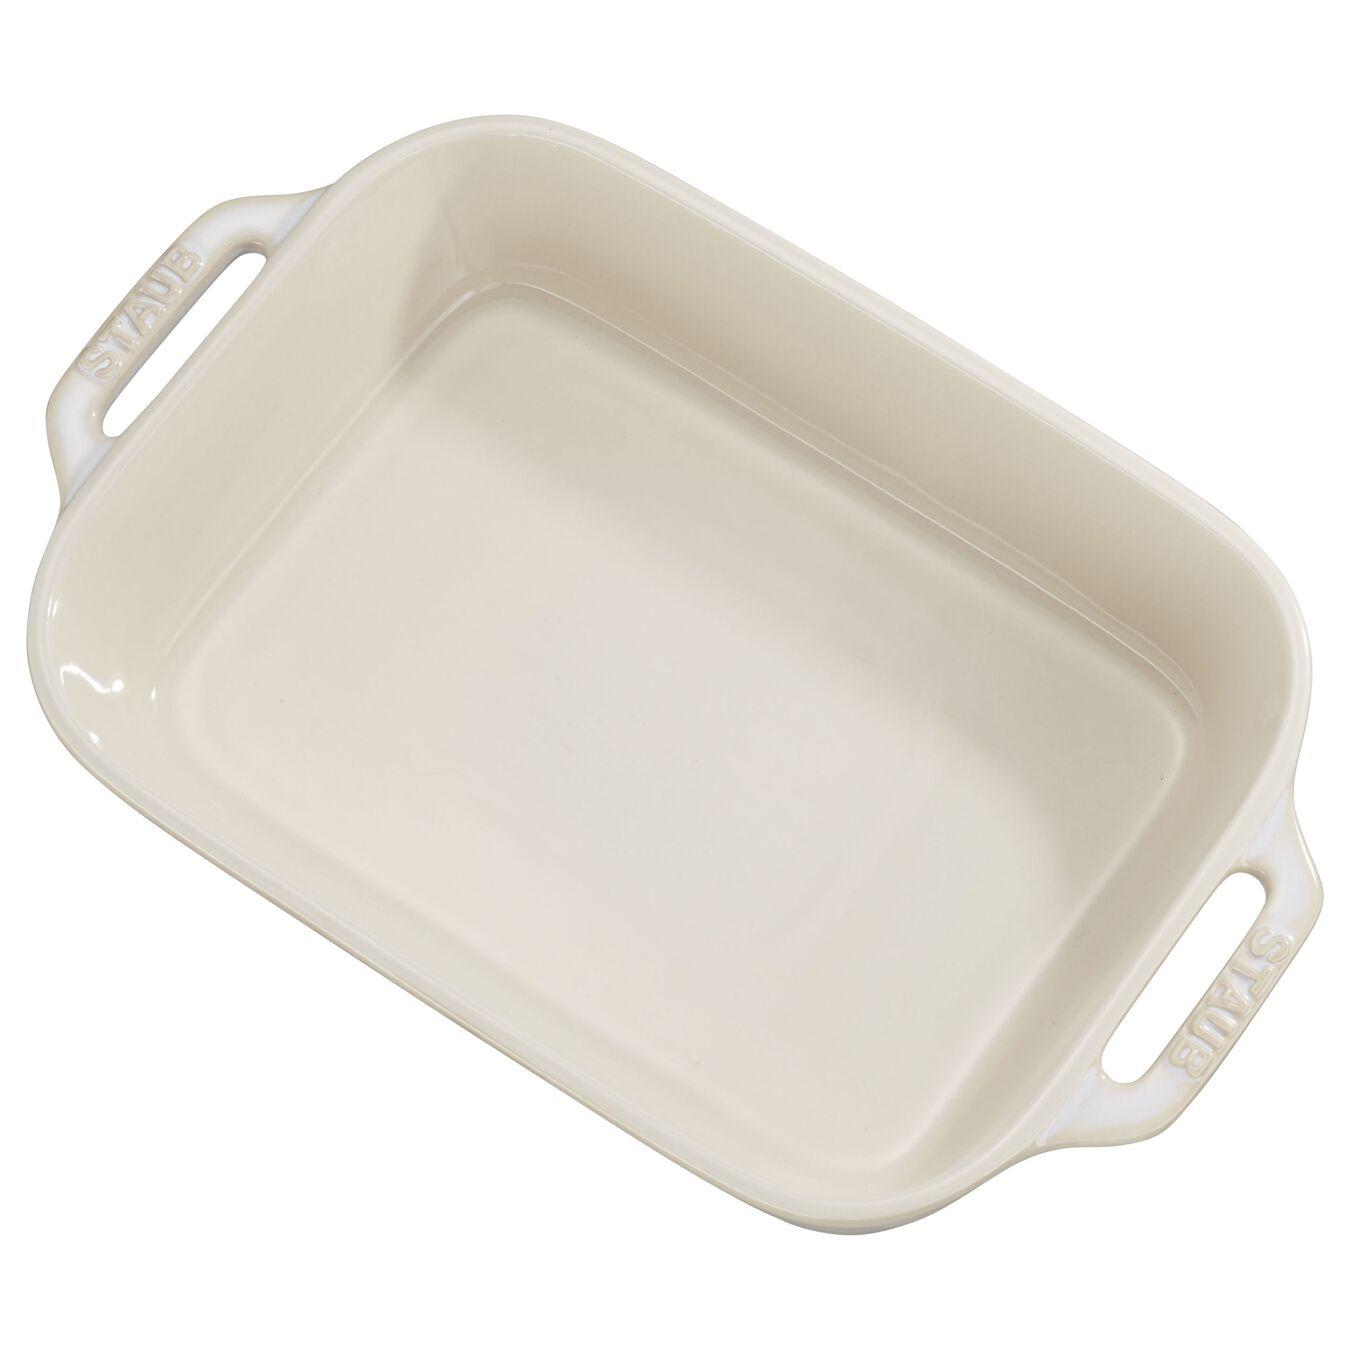 2-pc, Rectangular Baking Dish Set, ivory-white,,large 3